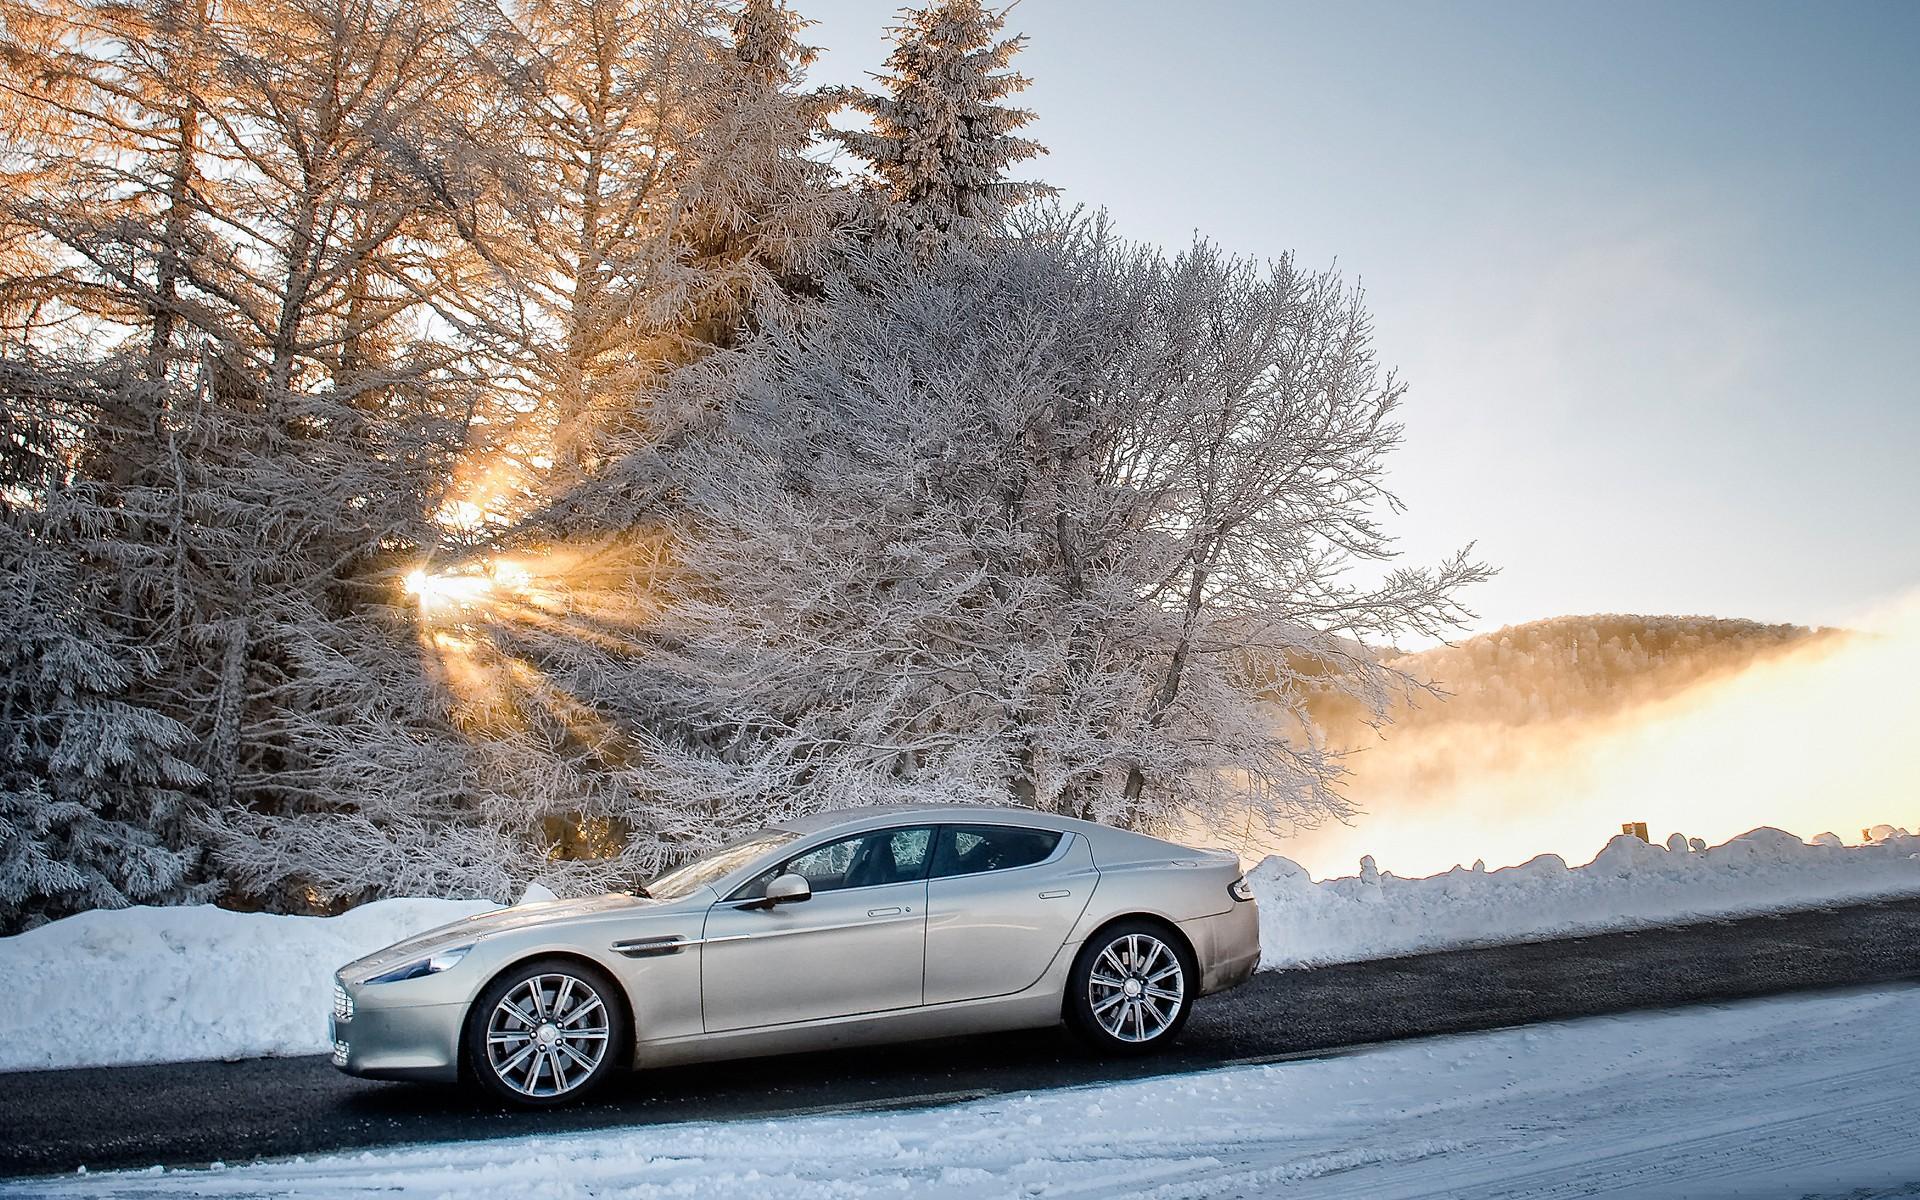 инструкции красивые картинки с автомобилями зимой лифте это отличный